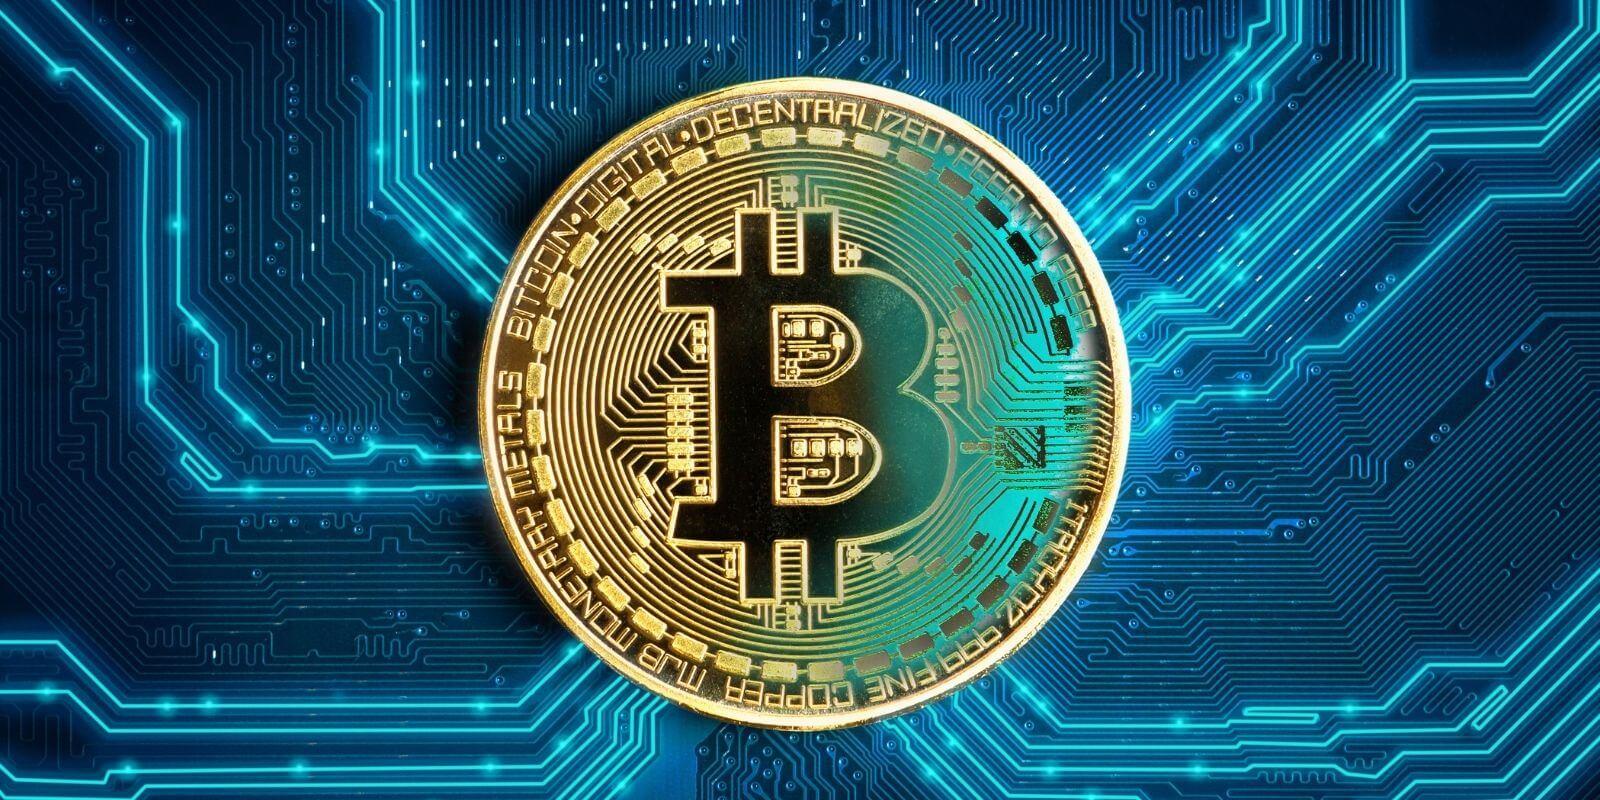 Les whales préparent-elles le bull run du Bitcoin (BTC) ? 815 millions de dollars quittent Binance